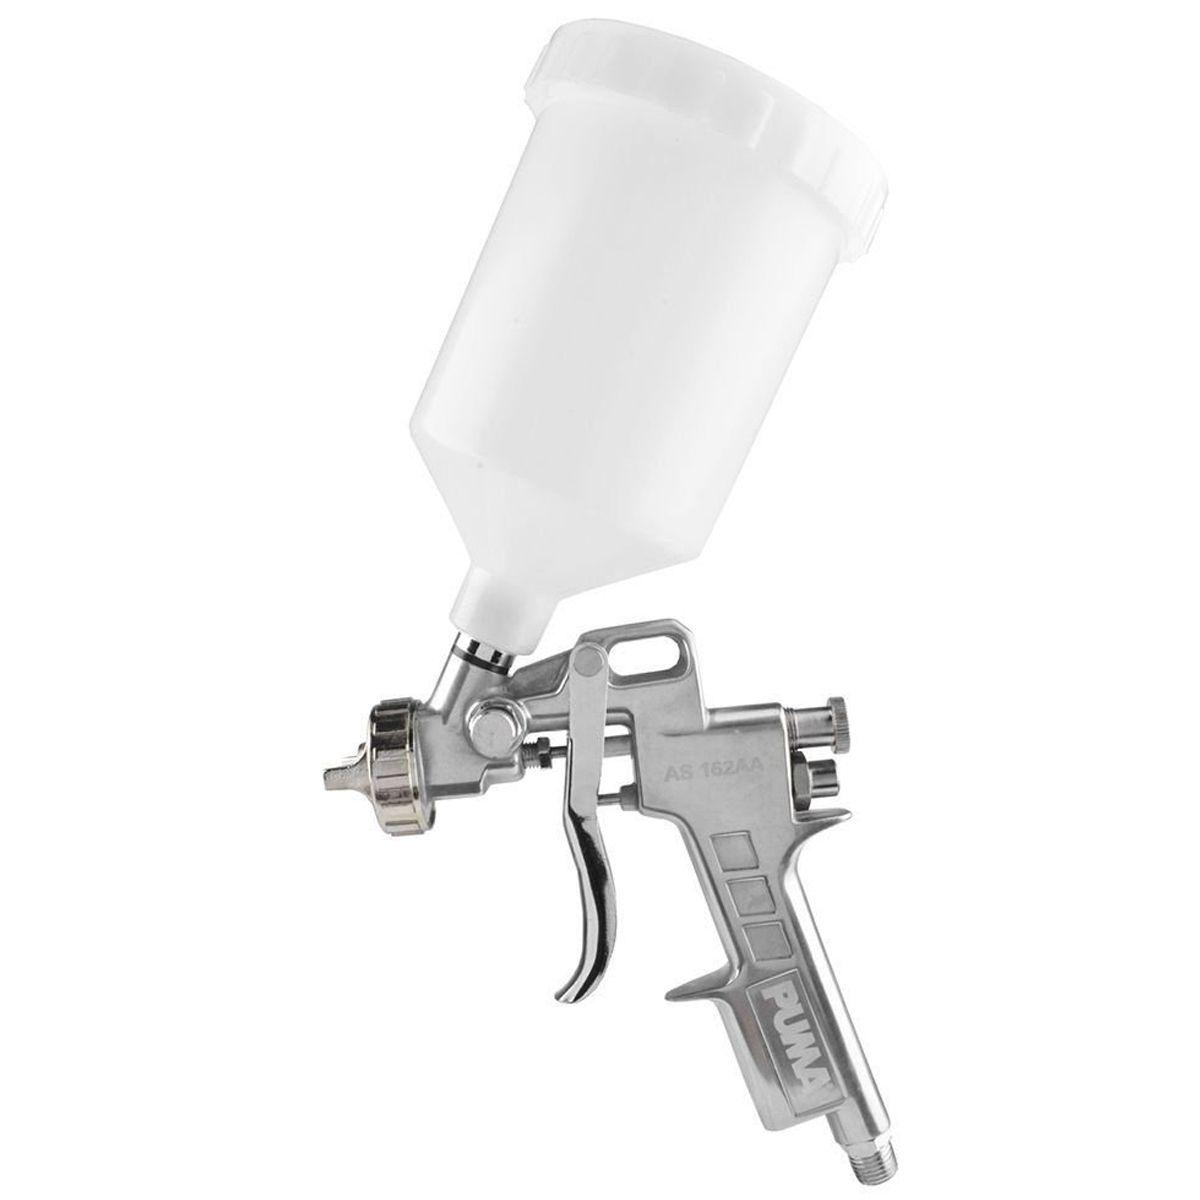 Pistola de Pintura AS162AA Gravidade HVLP Baixa Produção 1.5mm Puma